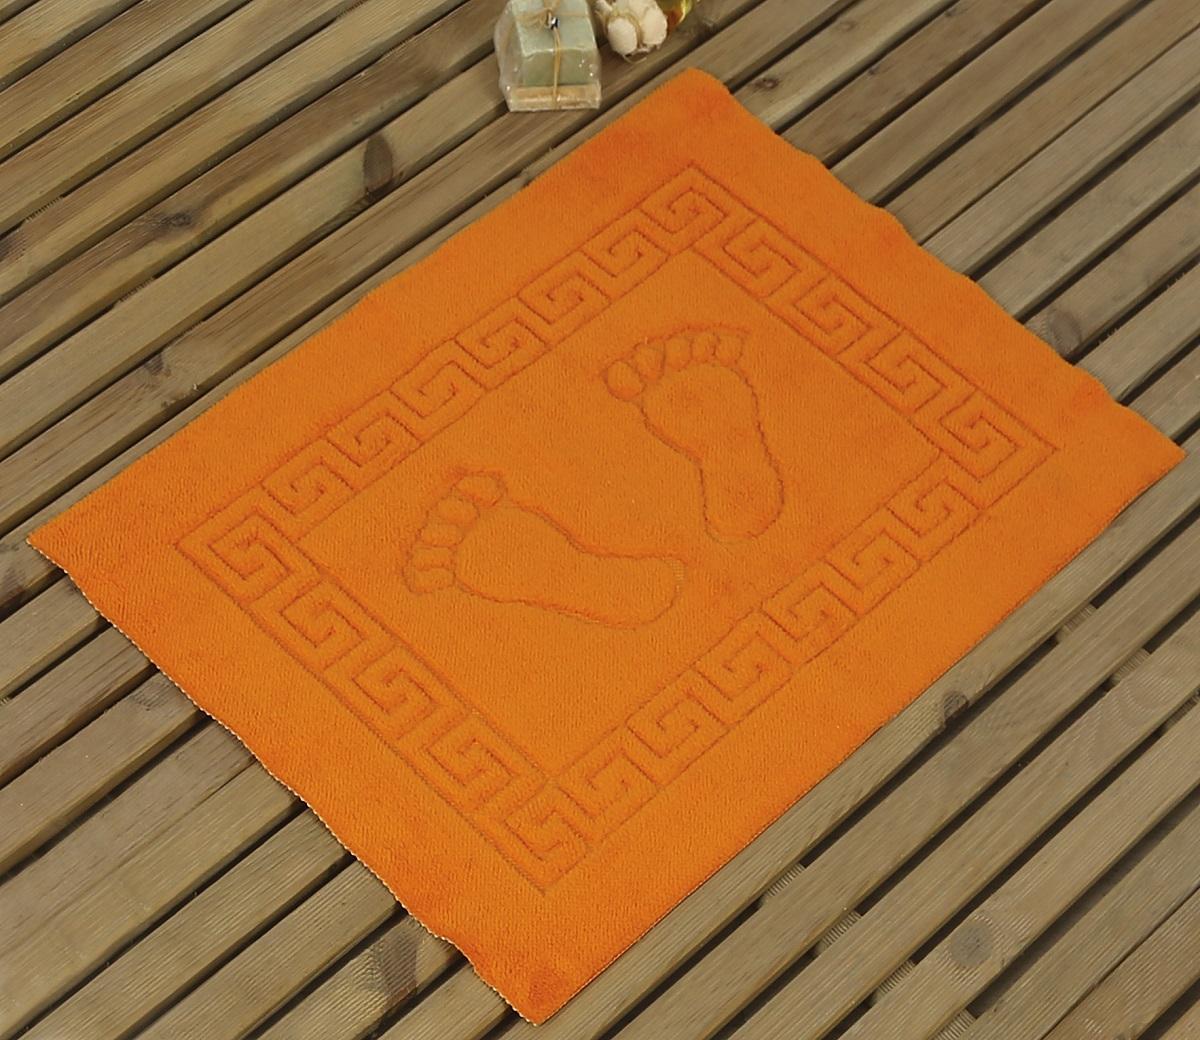 Коврик для ванной Karna Likya , цвет: оранжевый, 50 х 70 см68/5/3Коврик печатный Karna сделан из 100% полиэстера. Полиэстер является синтетическим волокном. Ткань, полностью изготовленная из полиэстера, даже после увлажнения, очень быстро сохнет. Коврик из полиэстера практически не требователен к уходу и обладает высокой устойчивостью к износу.Коврик из полиэстера не мнётся и легко стирается, после стирки очень быстро высыхает. Материал очень прочный, за время использования не растягивается и не садится. А так же обладает высокой влагонепроницаемостью.Размер: 50 х 70 см.